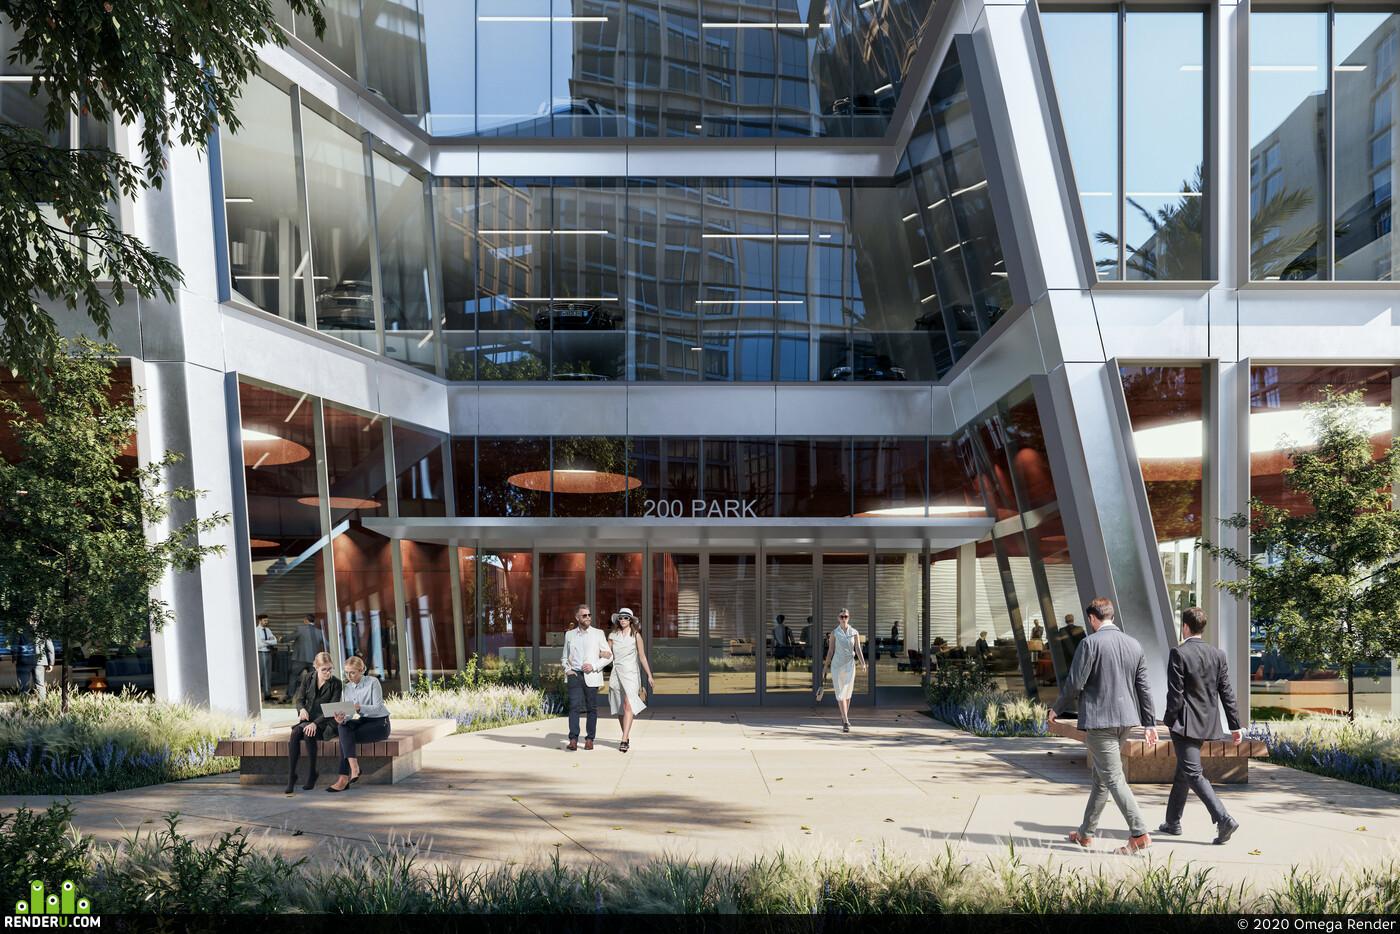 Exterior architecture, fullcgi, 3d, rendering, 3d design